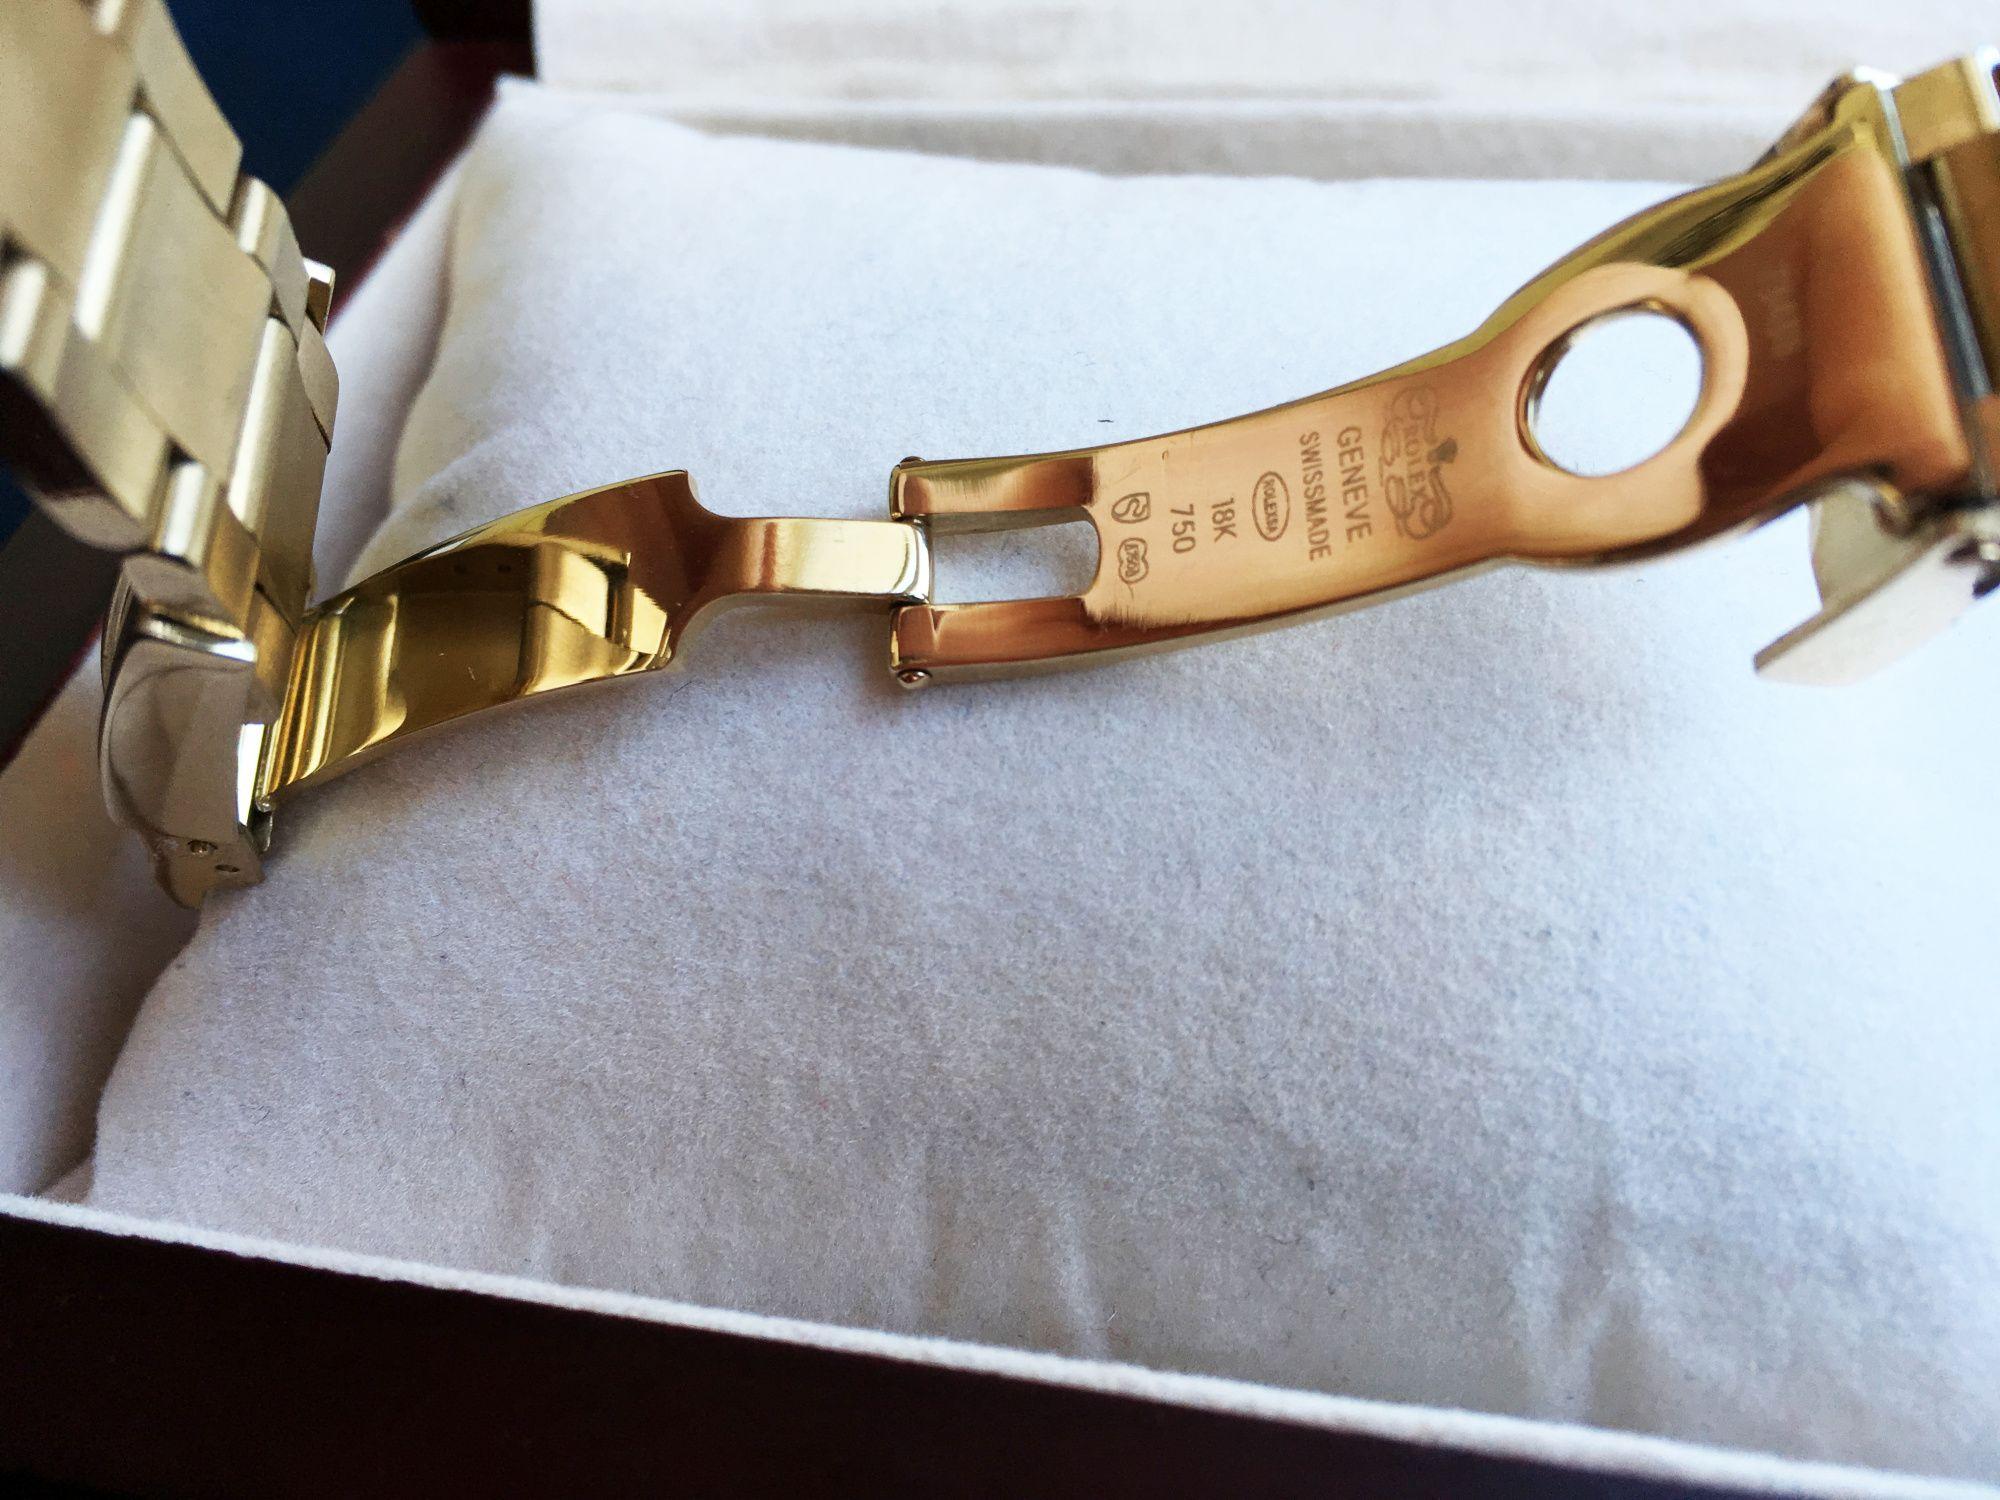 Двойная застежка с предохранителем на браслете часов Ролекс Космограф Дайтона